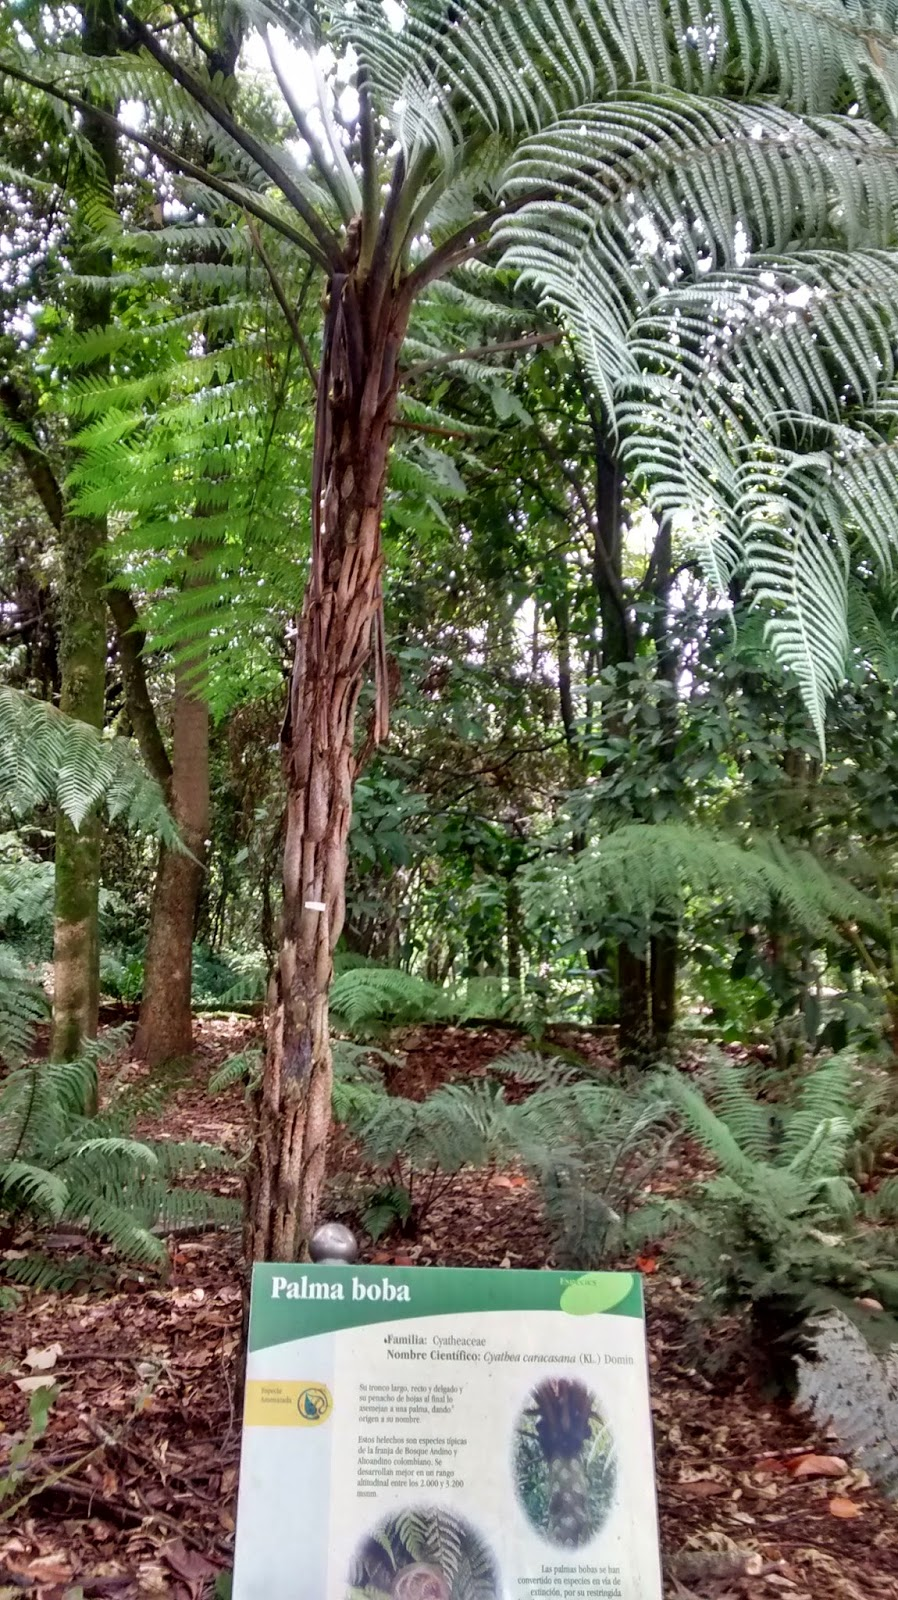 Jard n bot nico jos celestino mutis plantas vistas en el - Jardin botanico las palmas ...